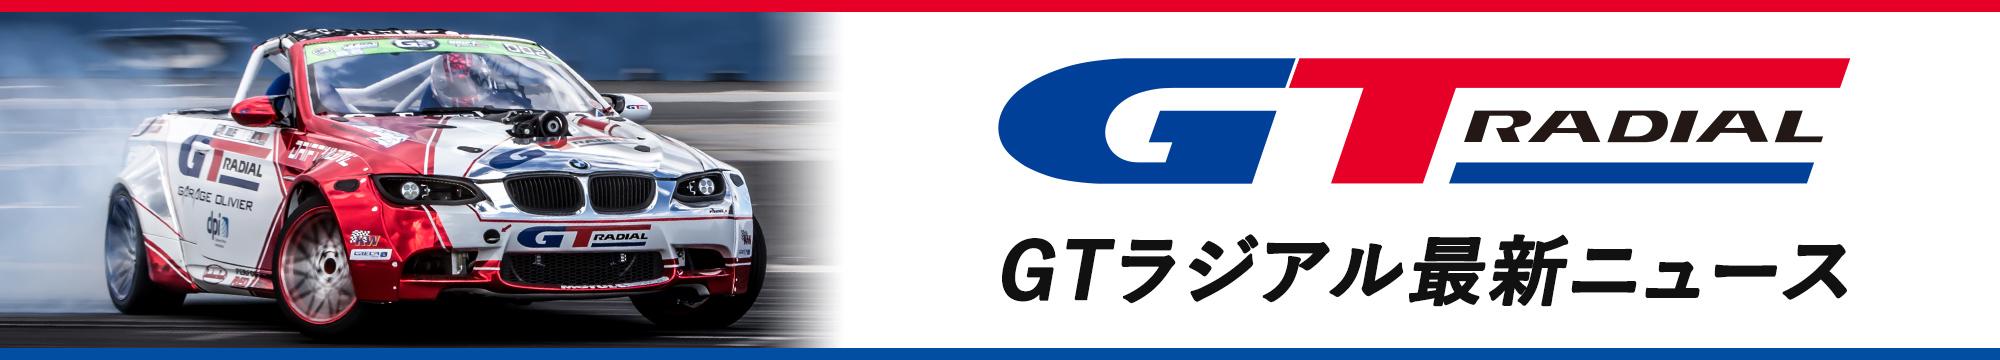 GTラジアル最新ニュース